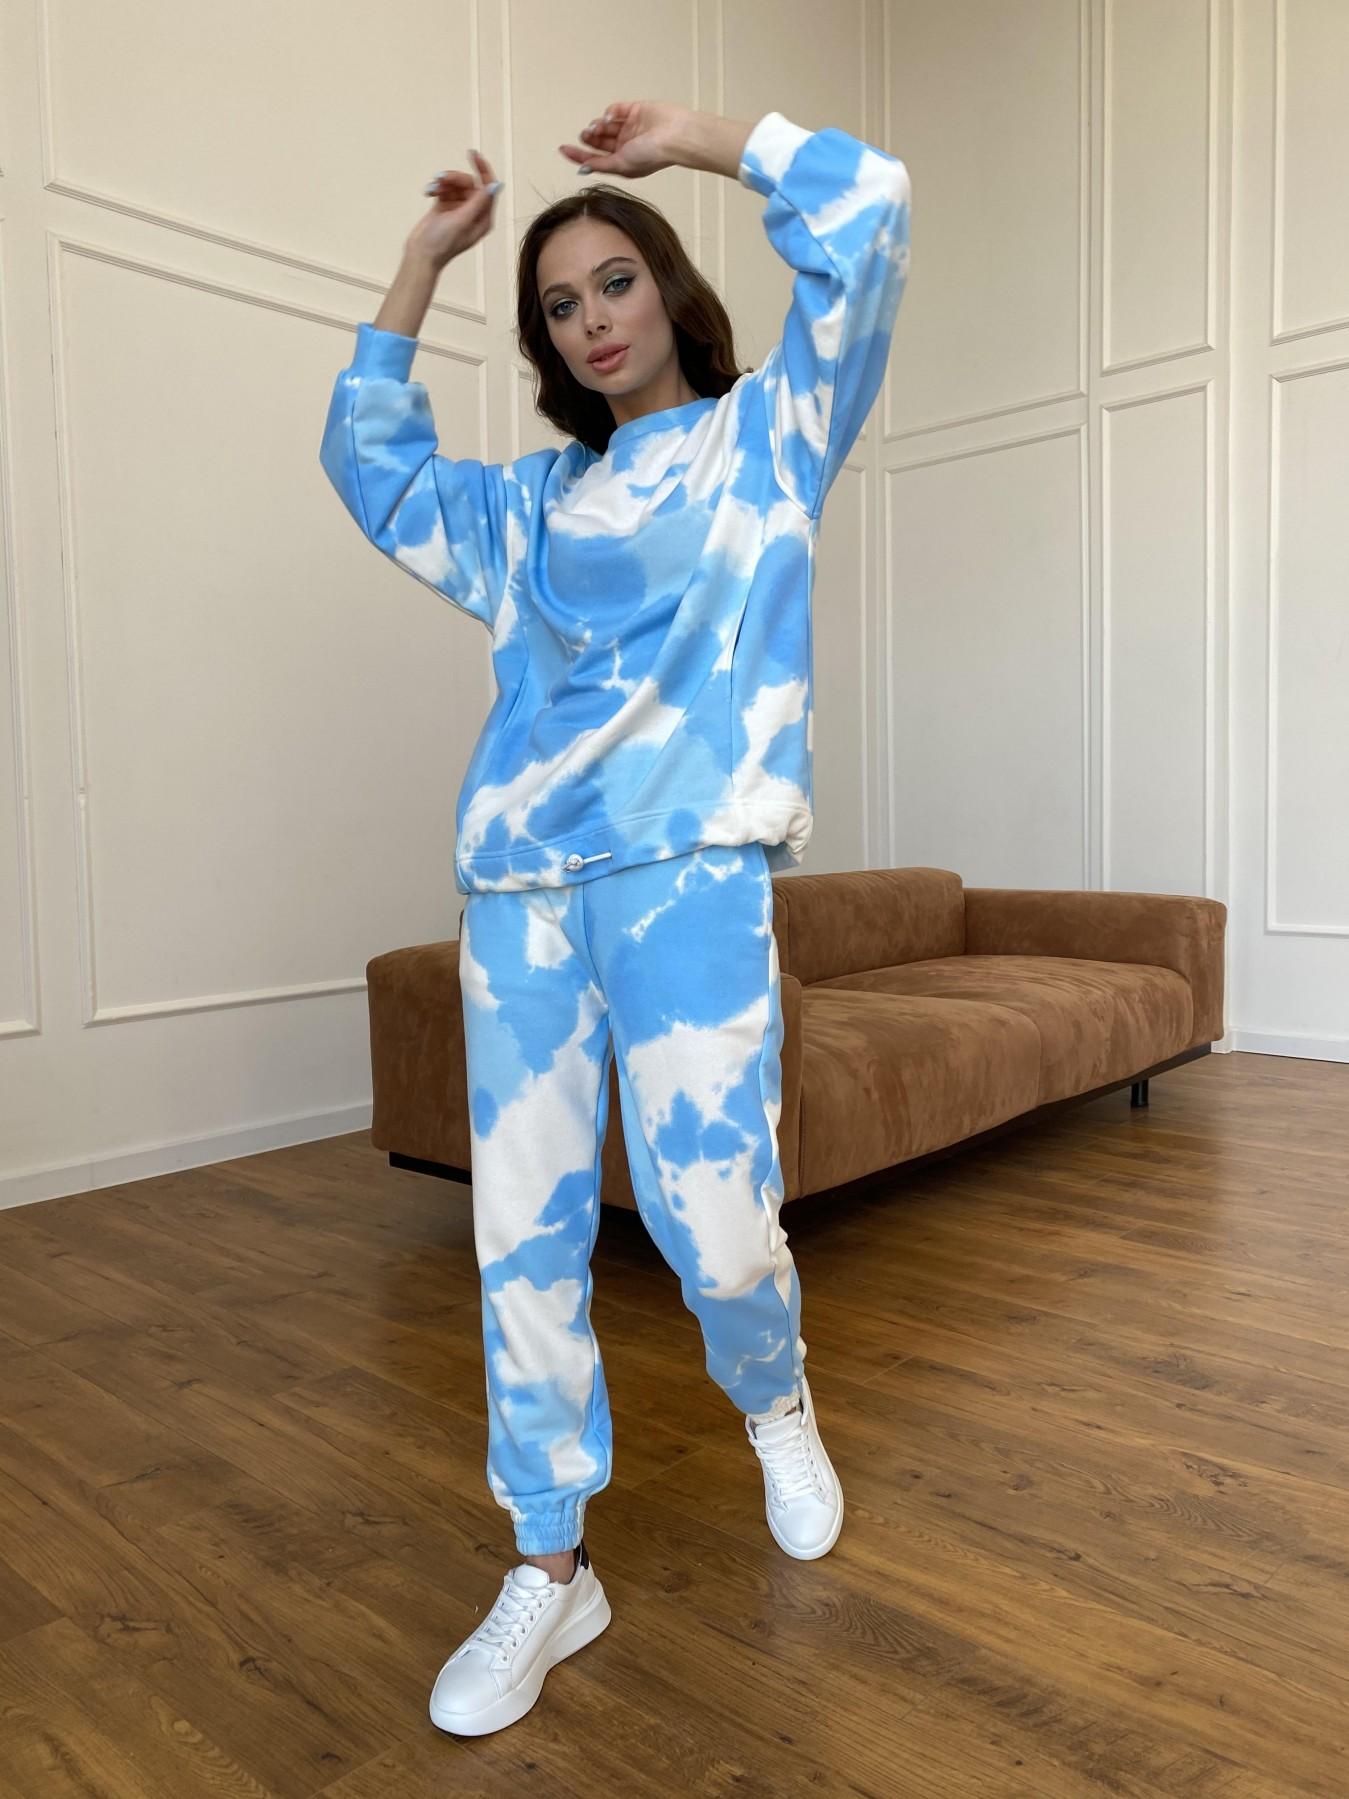 Скай костюм c принтом из 3х нитки 11248 АРТ. 47769 Цвет: Молоко/голубойТайДай - фото 12, интернет магазин tm-modus.ru